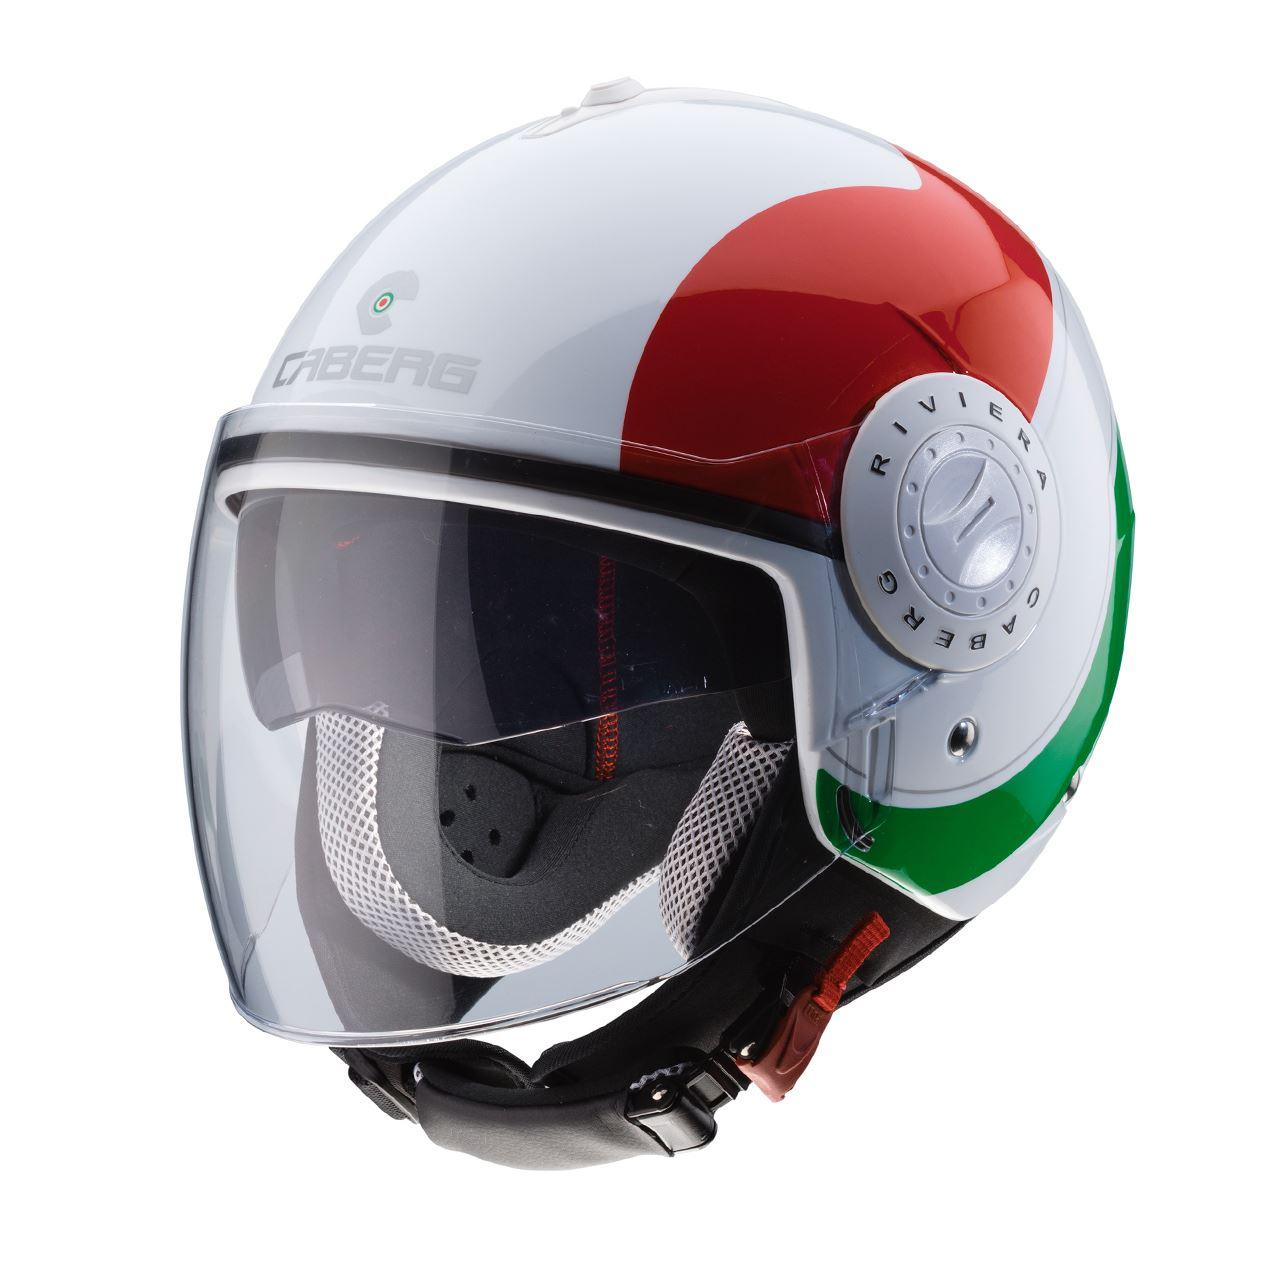 Caberg-Casco-da-motociclista-Riviera-Sway-Italia